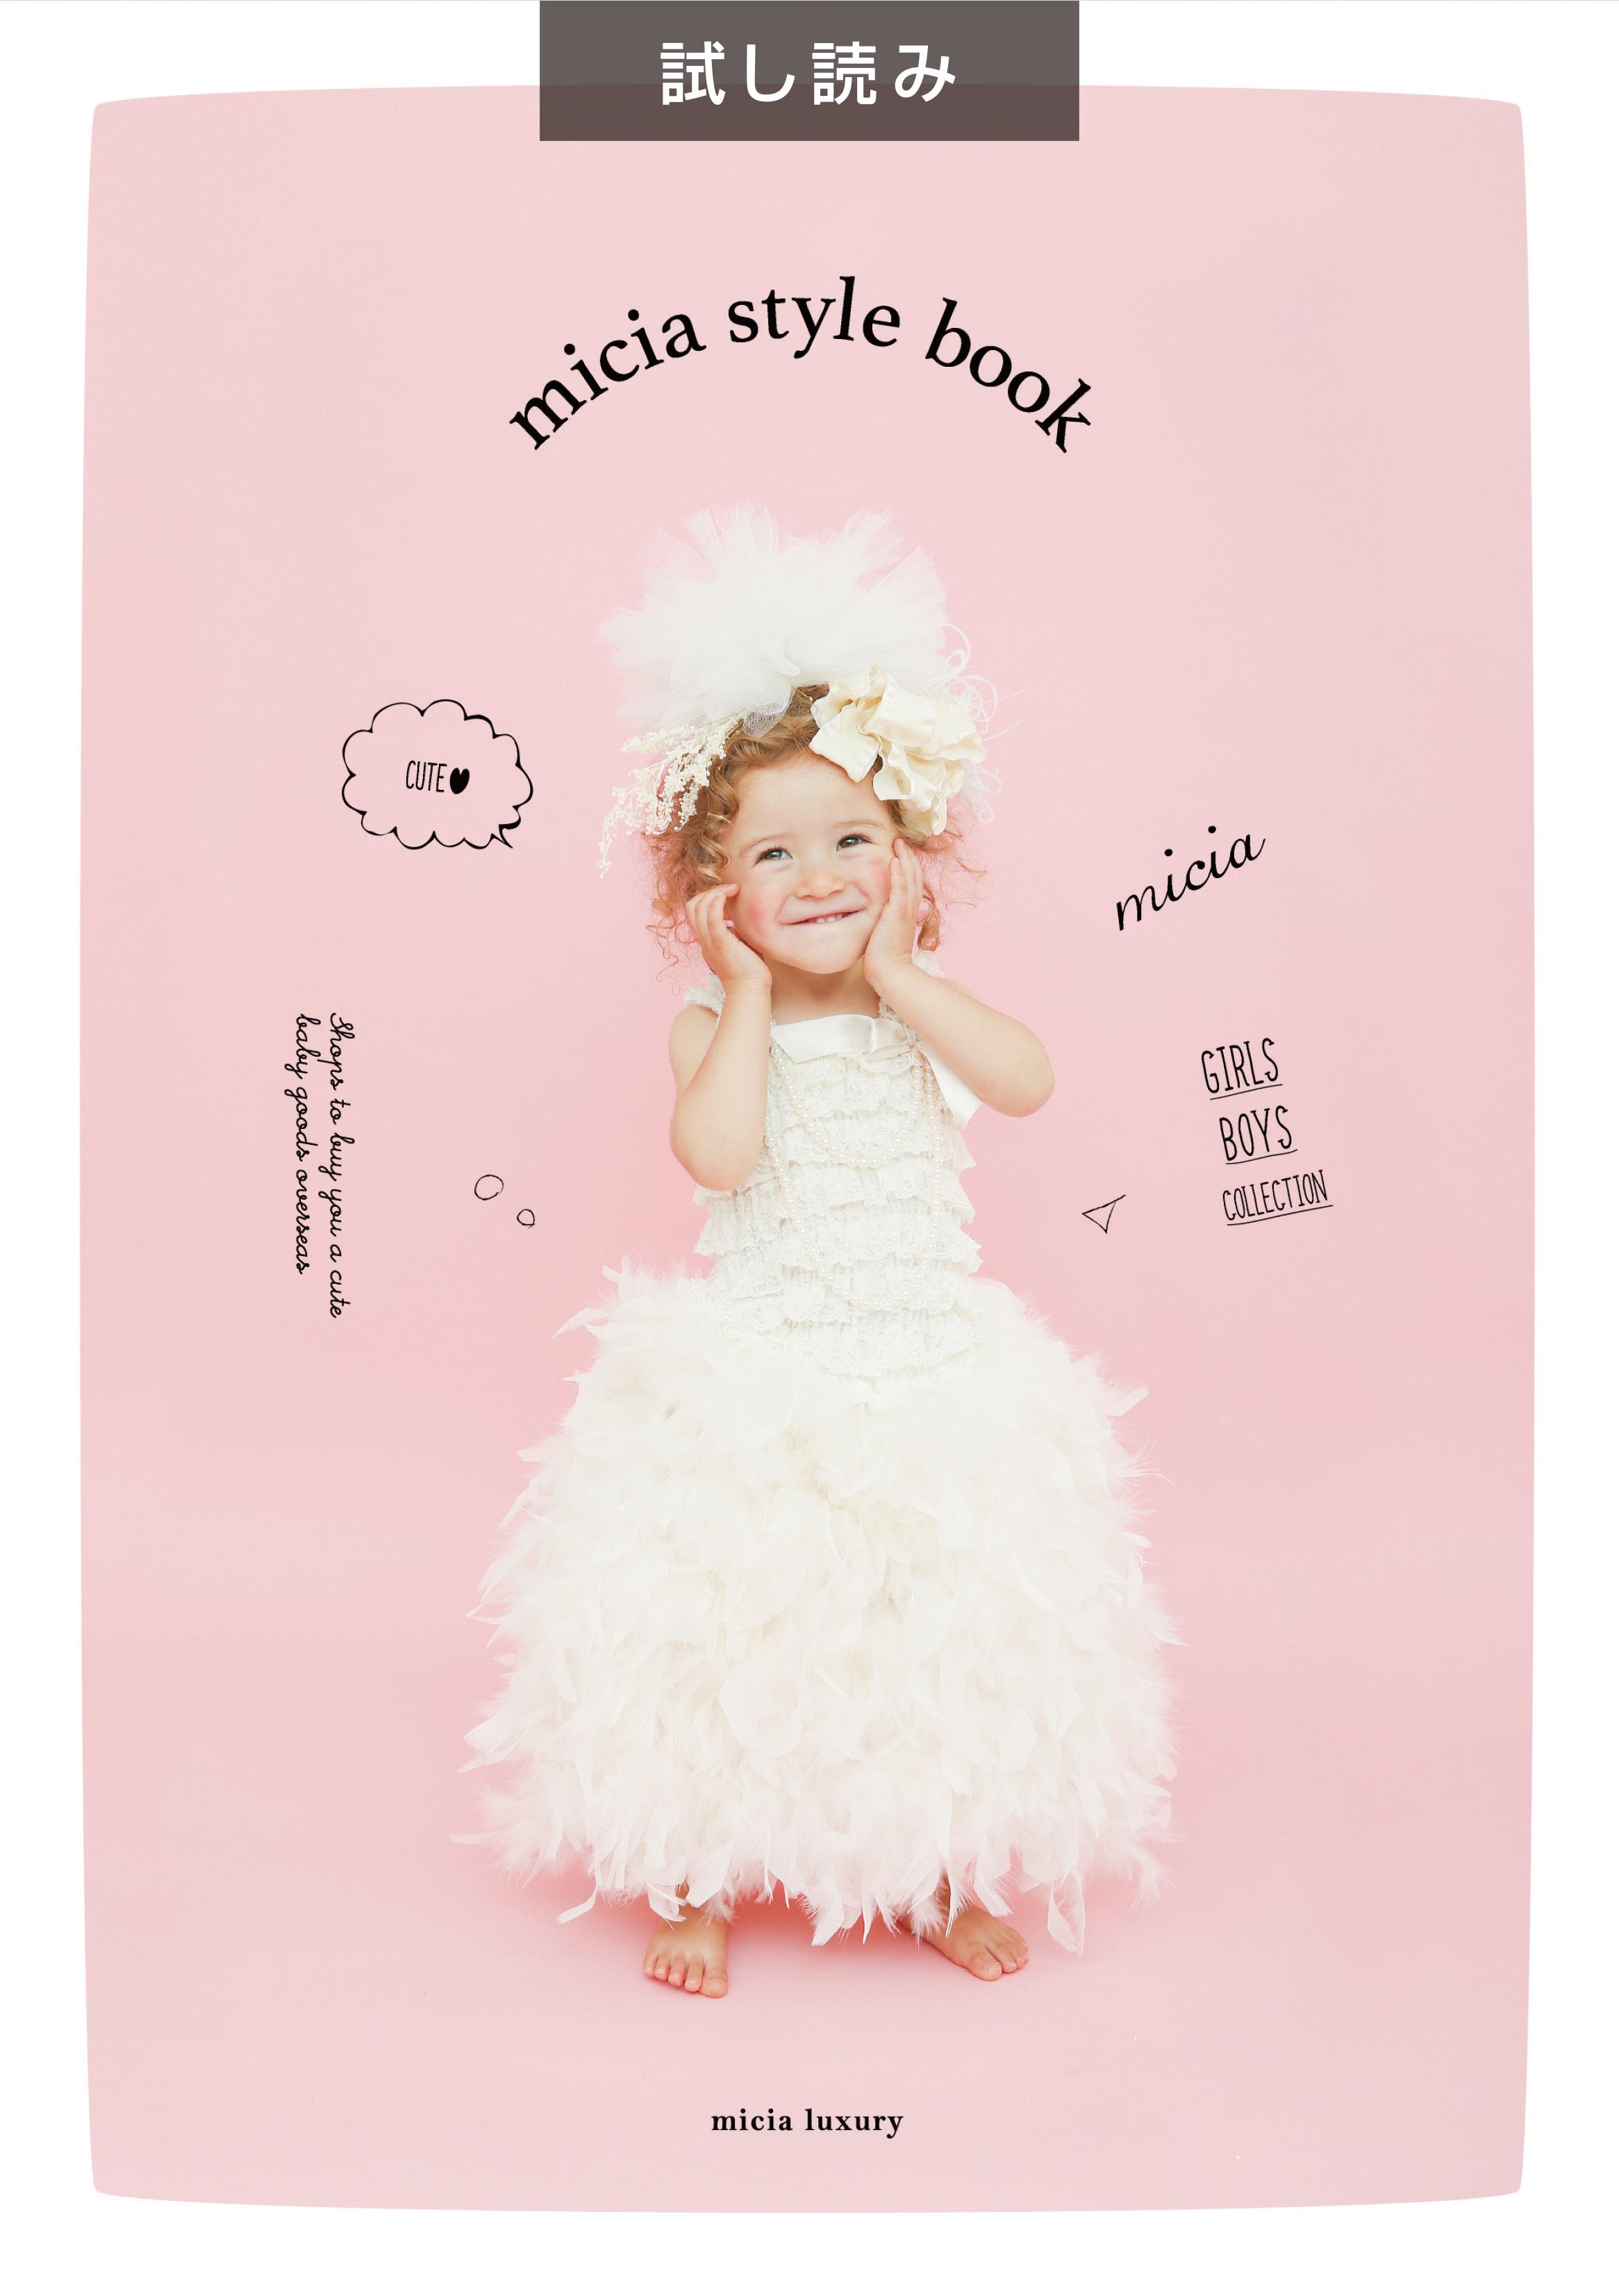 micia style book vol.1